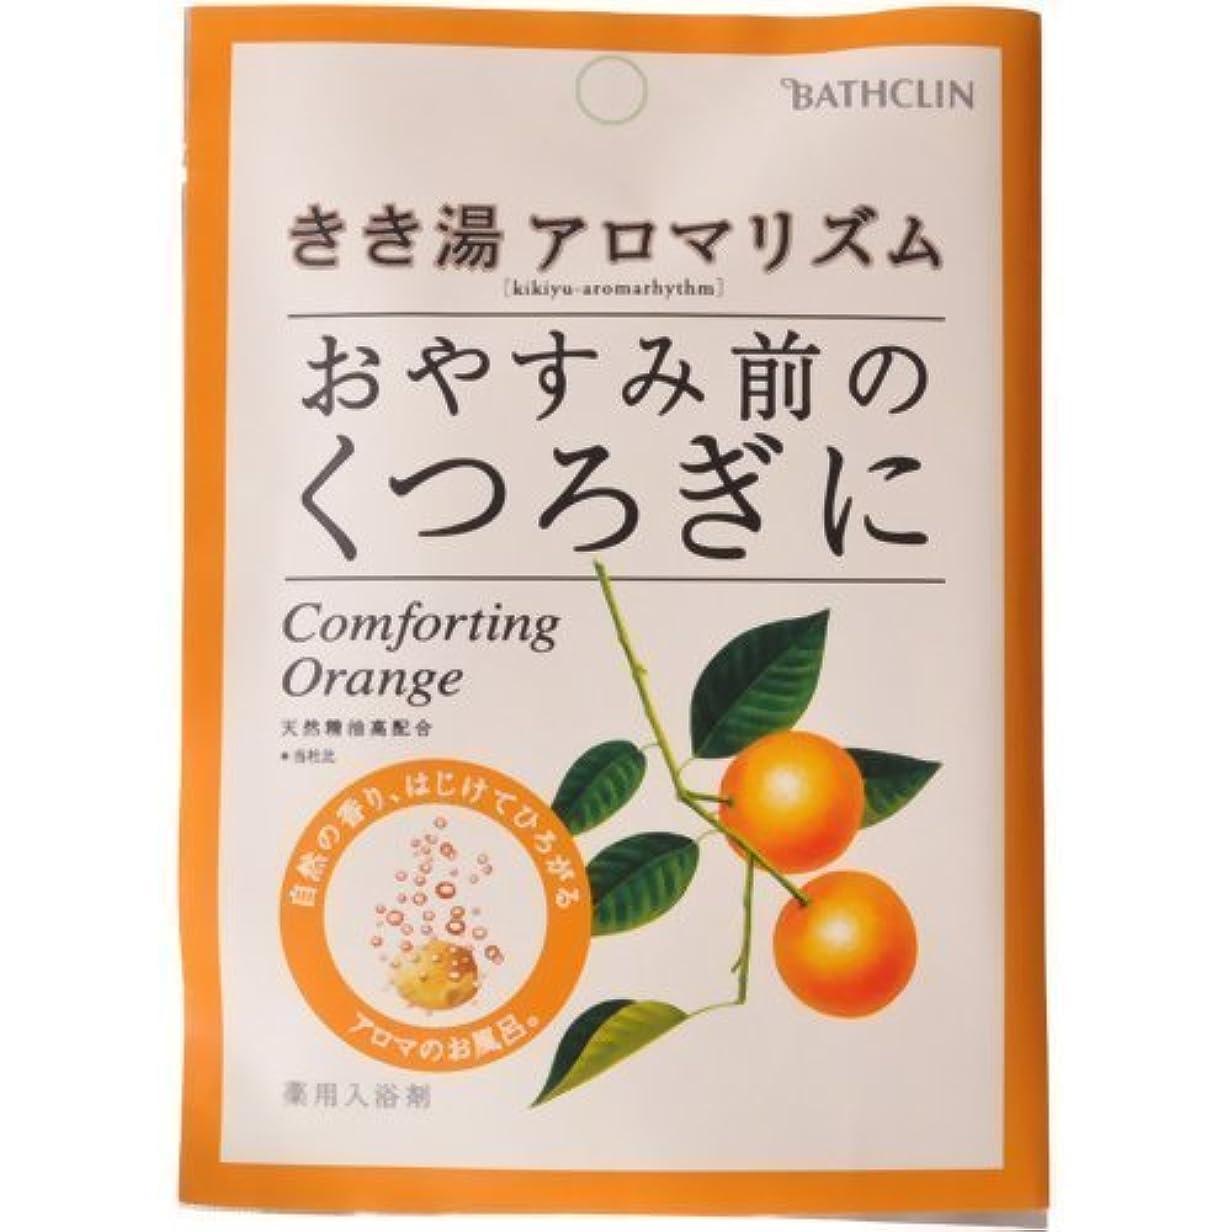 悲惨バングセブンきき湯 アロマリズム コンフォーティングの香り 30g